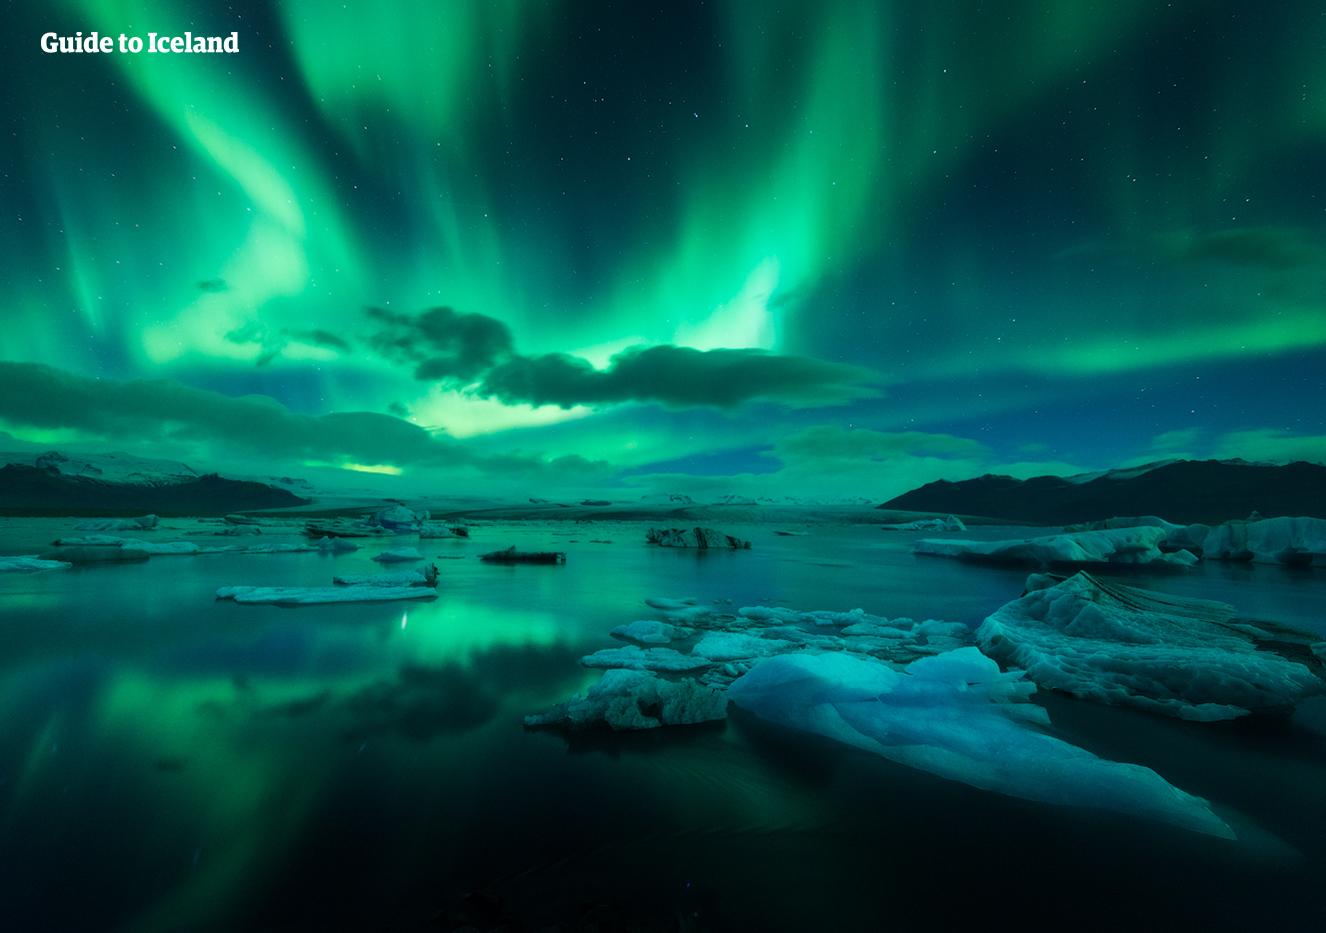 아이슬란드 겨울 8일간의 일주 가이드가 동행하는 미니버스 여행코스 Guide To Iceland